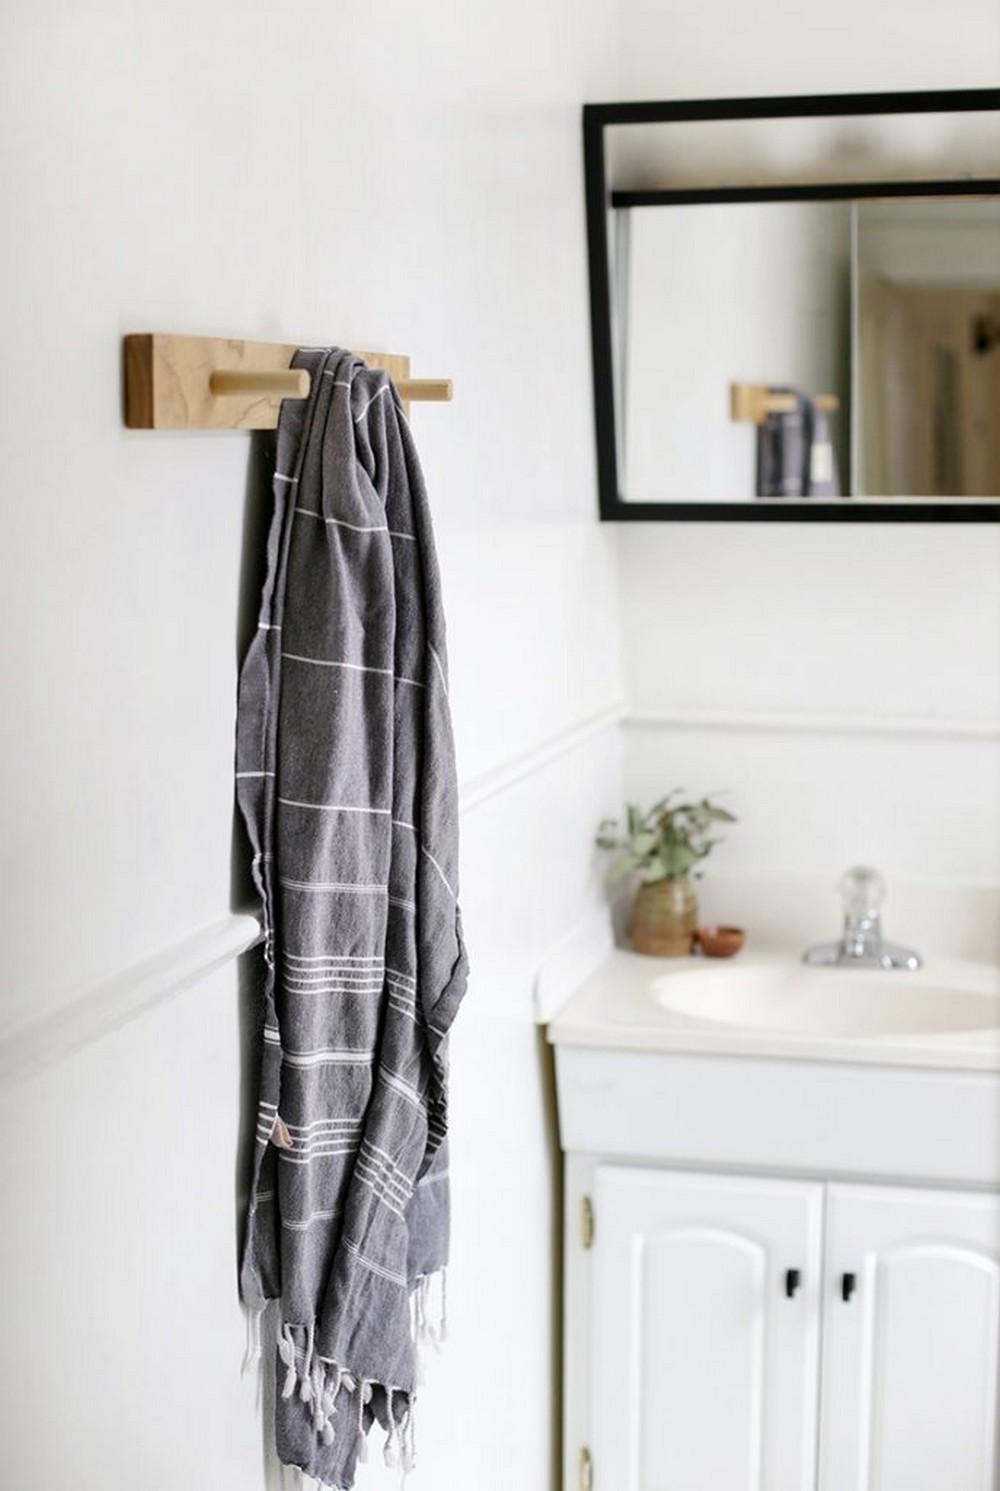 DIY Wooden Towel Rack